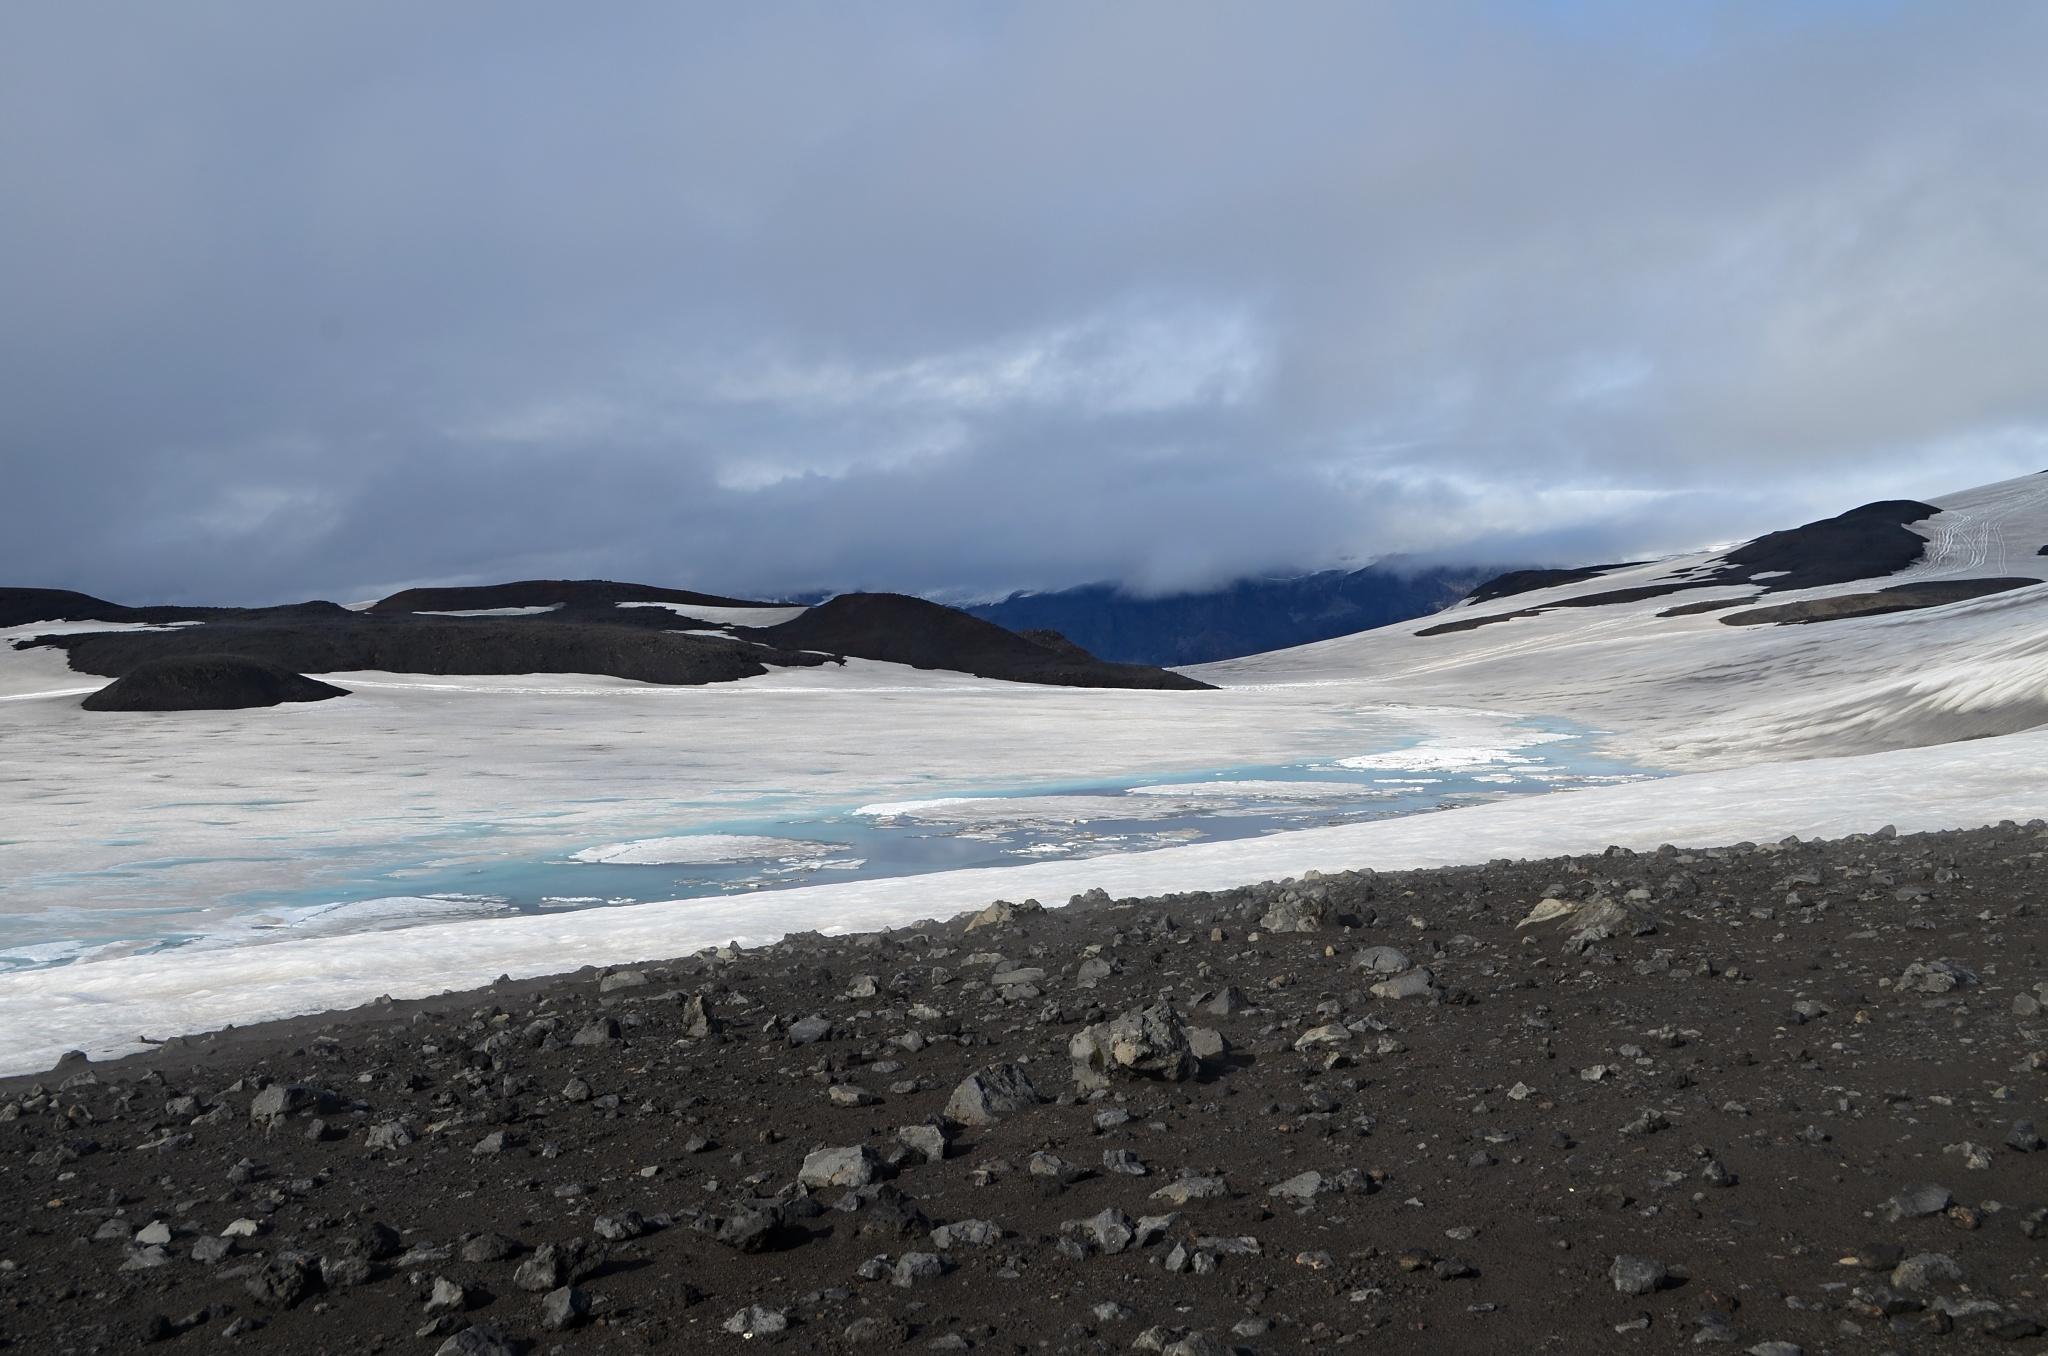 Malé horské ledovcové jezírko v průsmyku Fimmvörðuháls